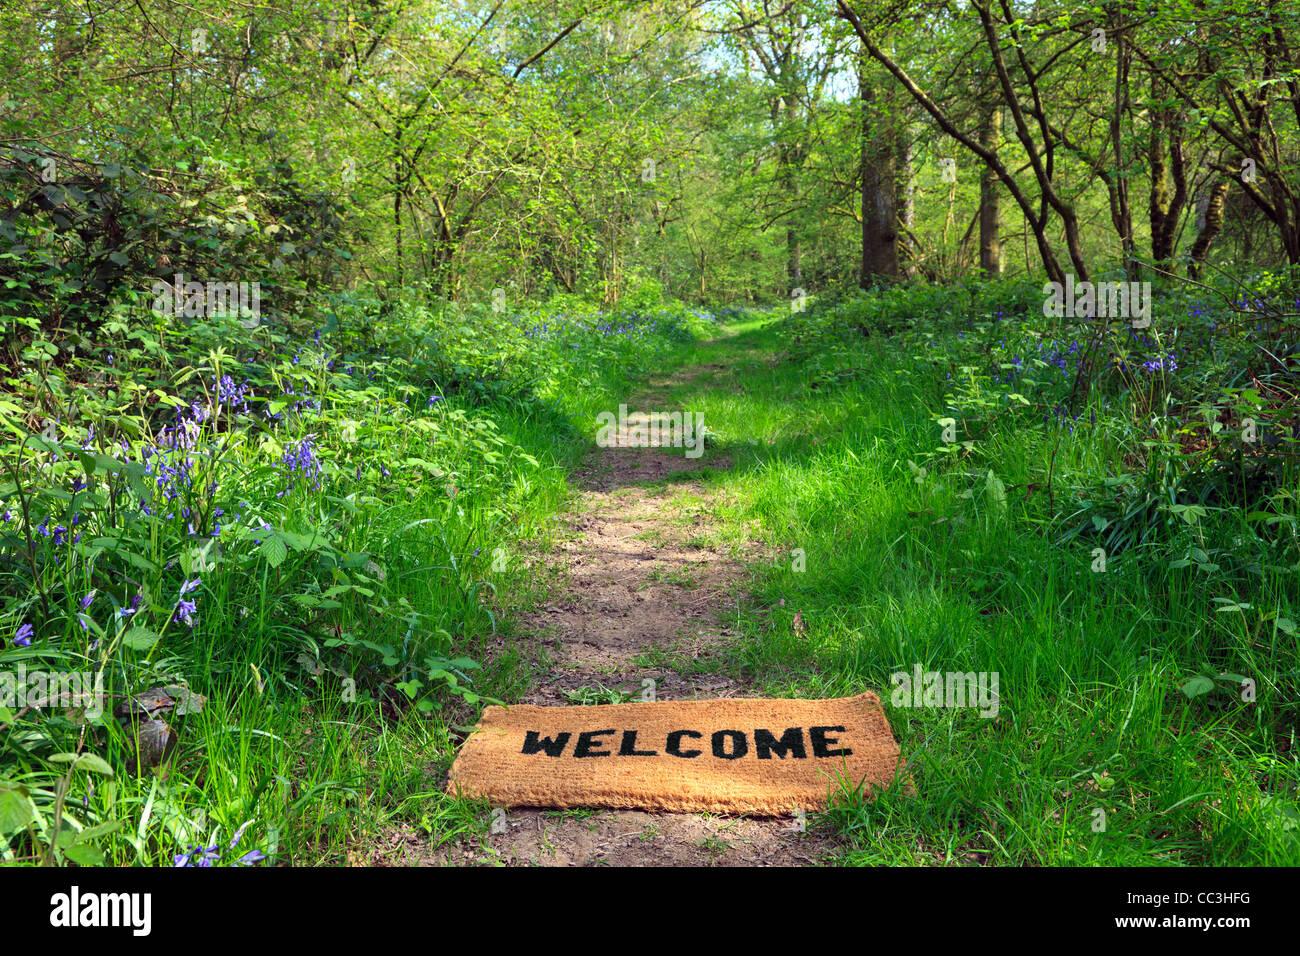 Konzept-Foto von Welcome Fußabtreter auf einem Wald Wanderweg im Frühling im Querformat. Stockbild